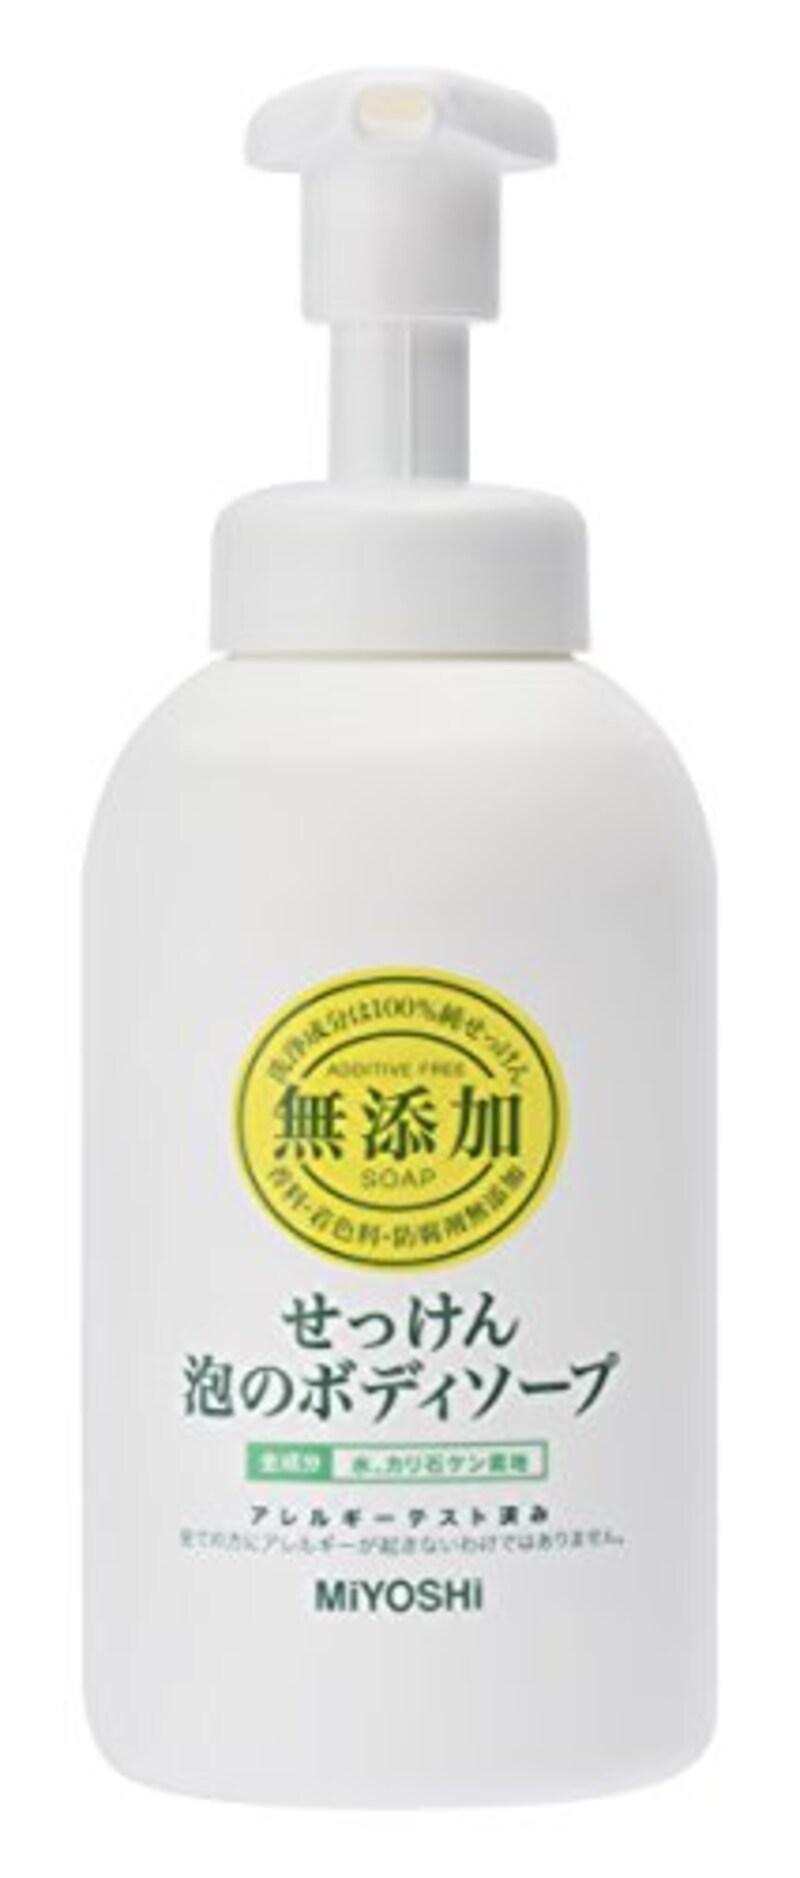 MIYOSHI(ミヨシ石鹸),無添加せっけん泡のボディソープ